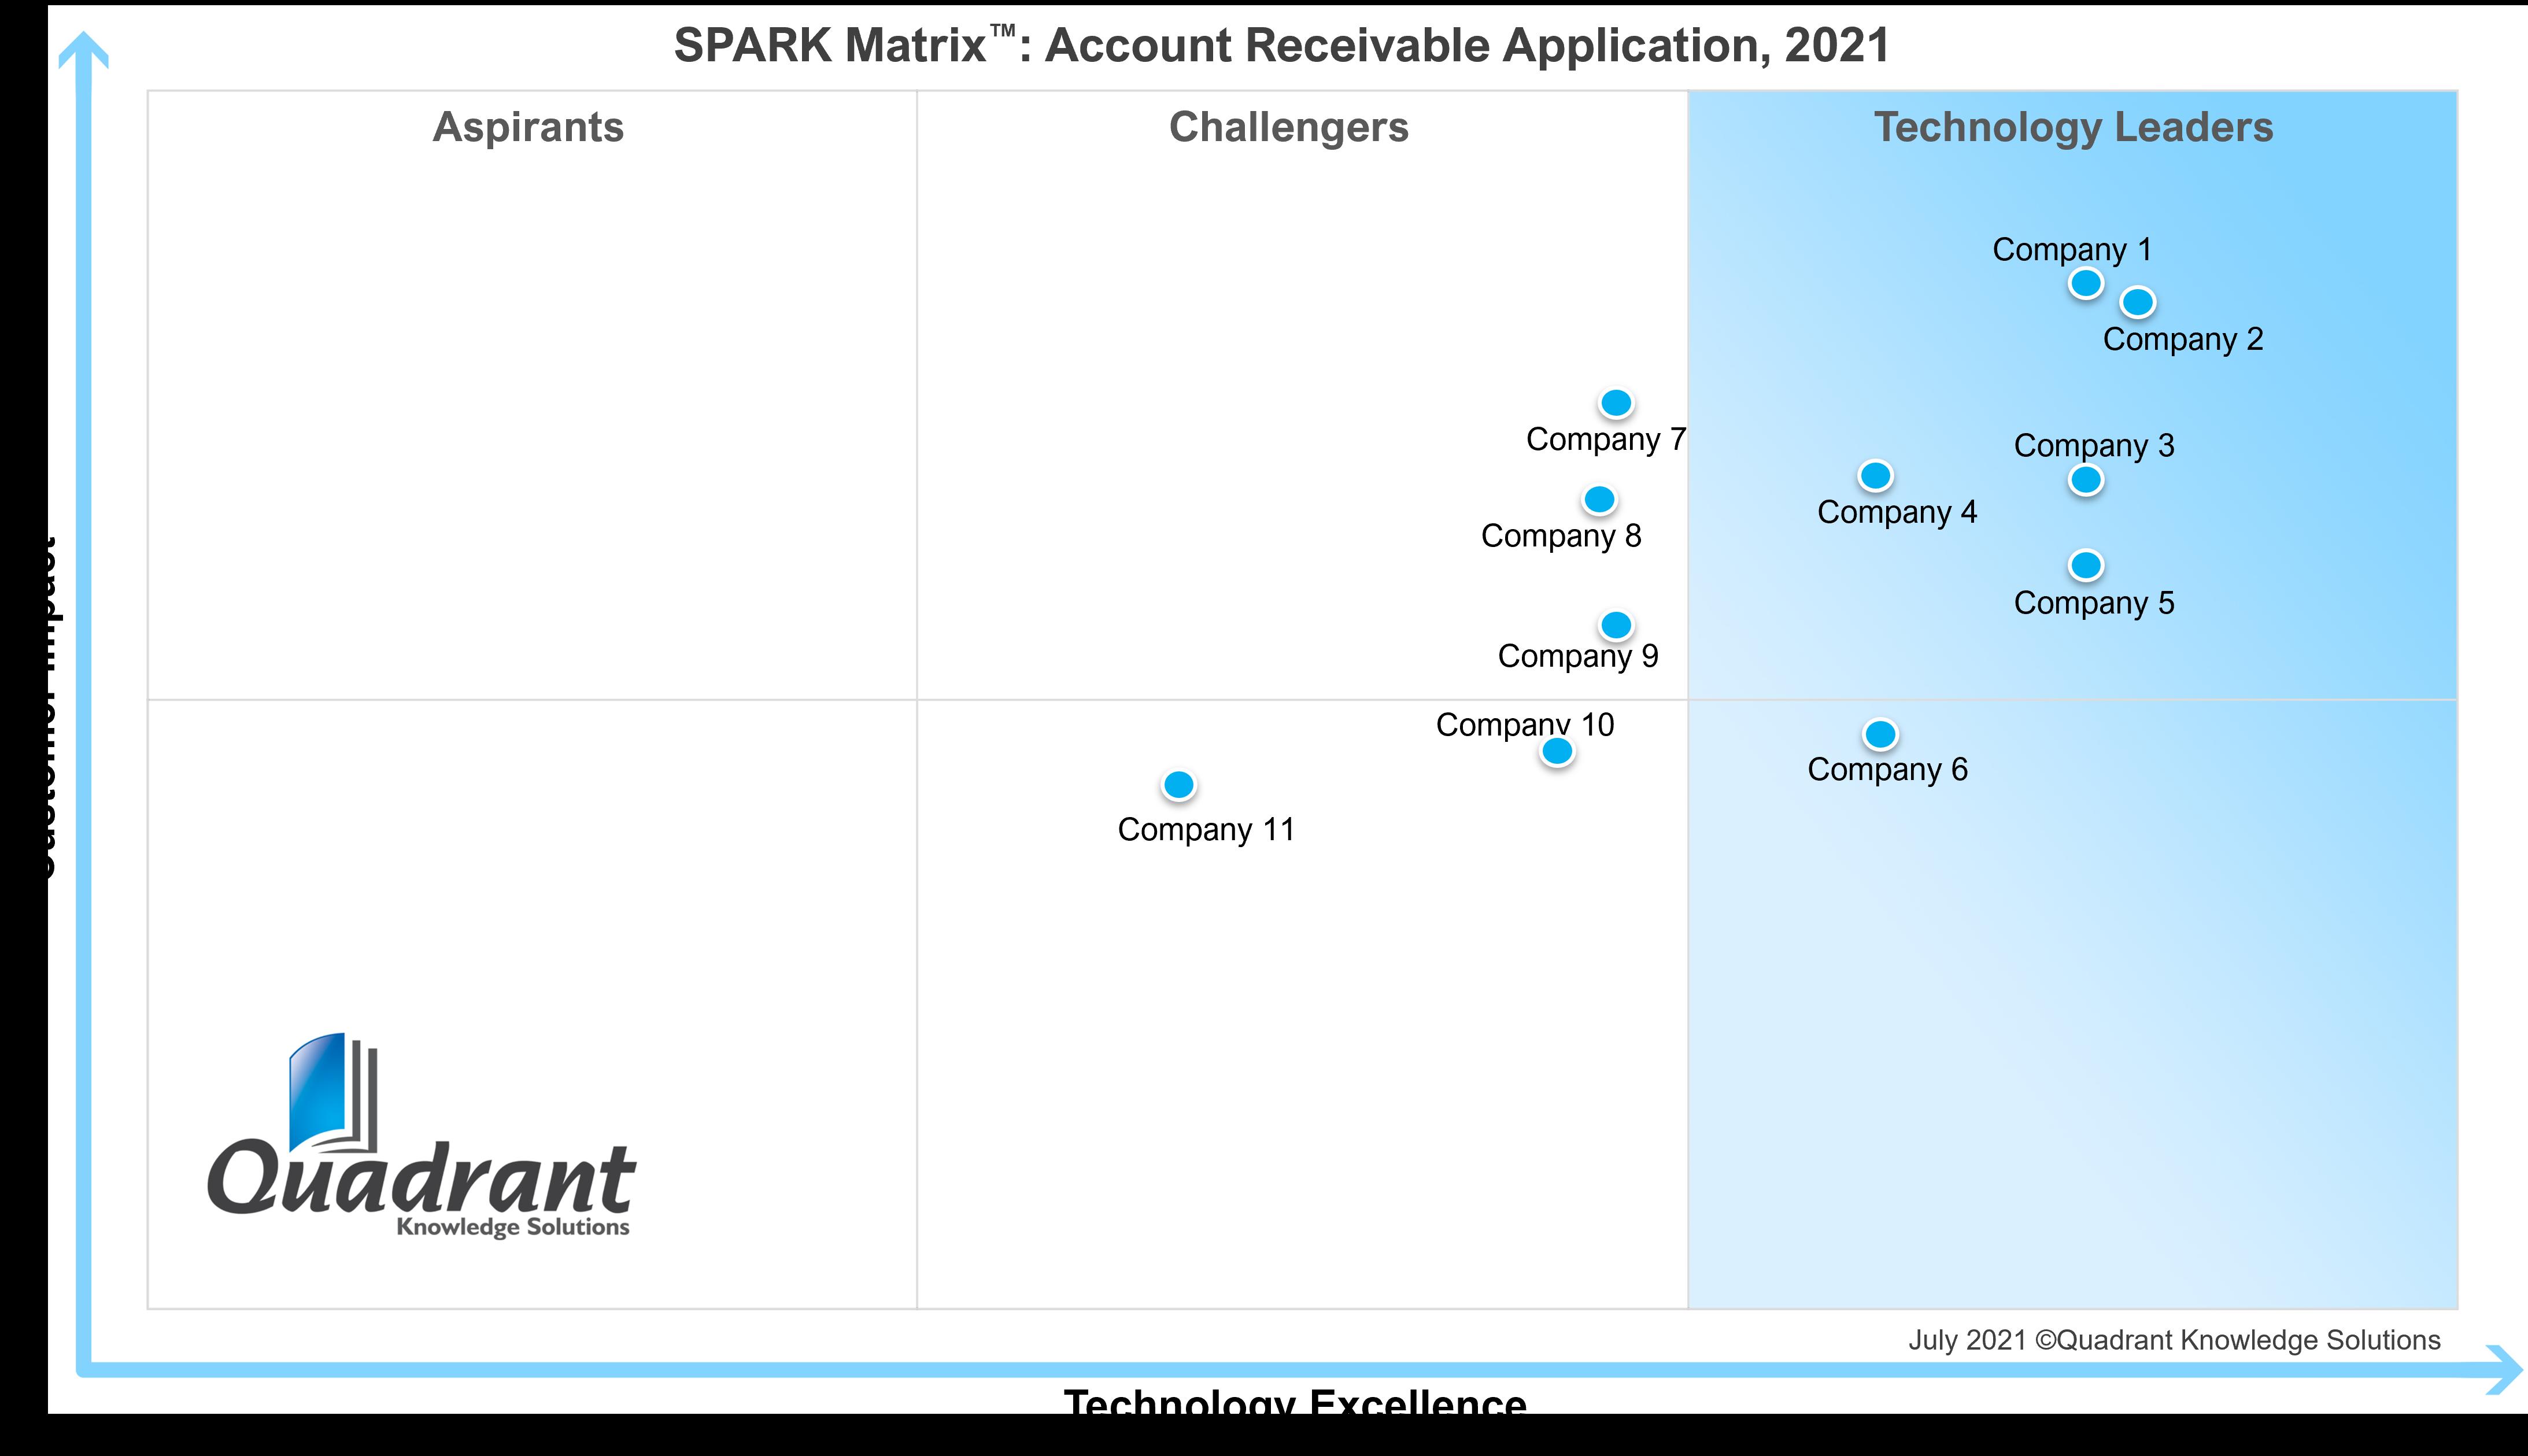 Account Receivables_SPARK Matrix_2021